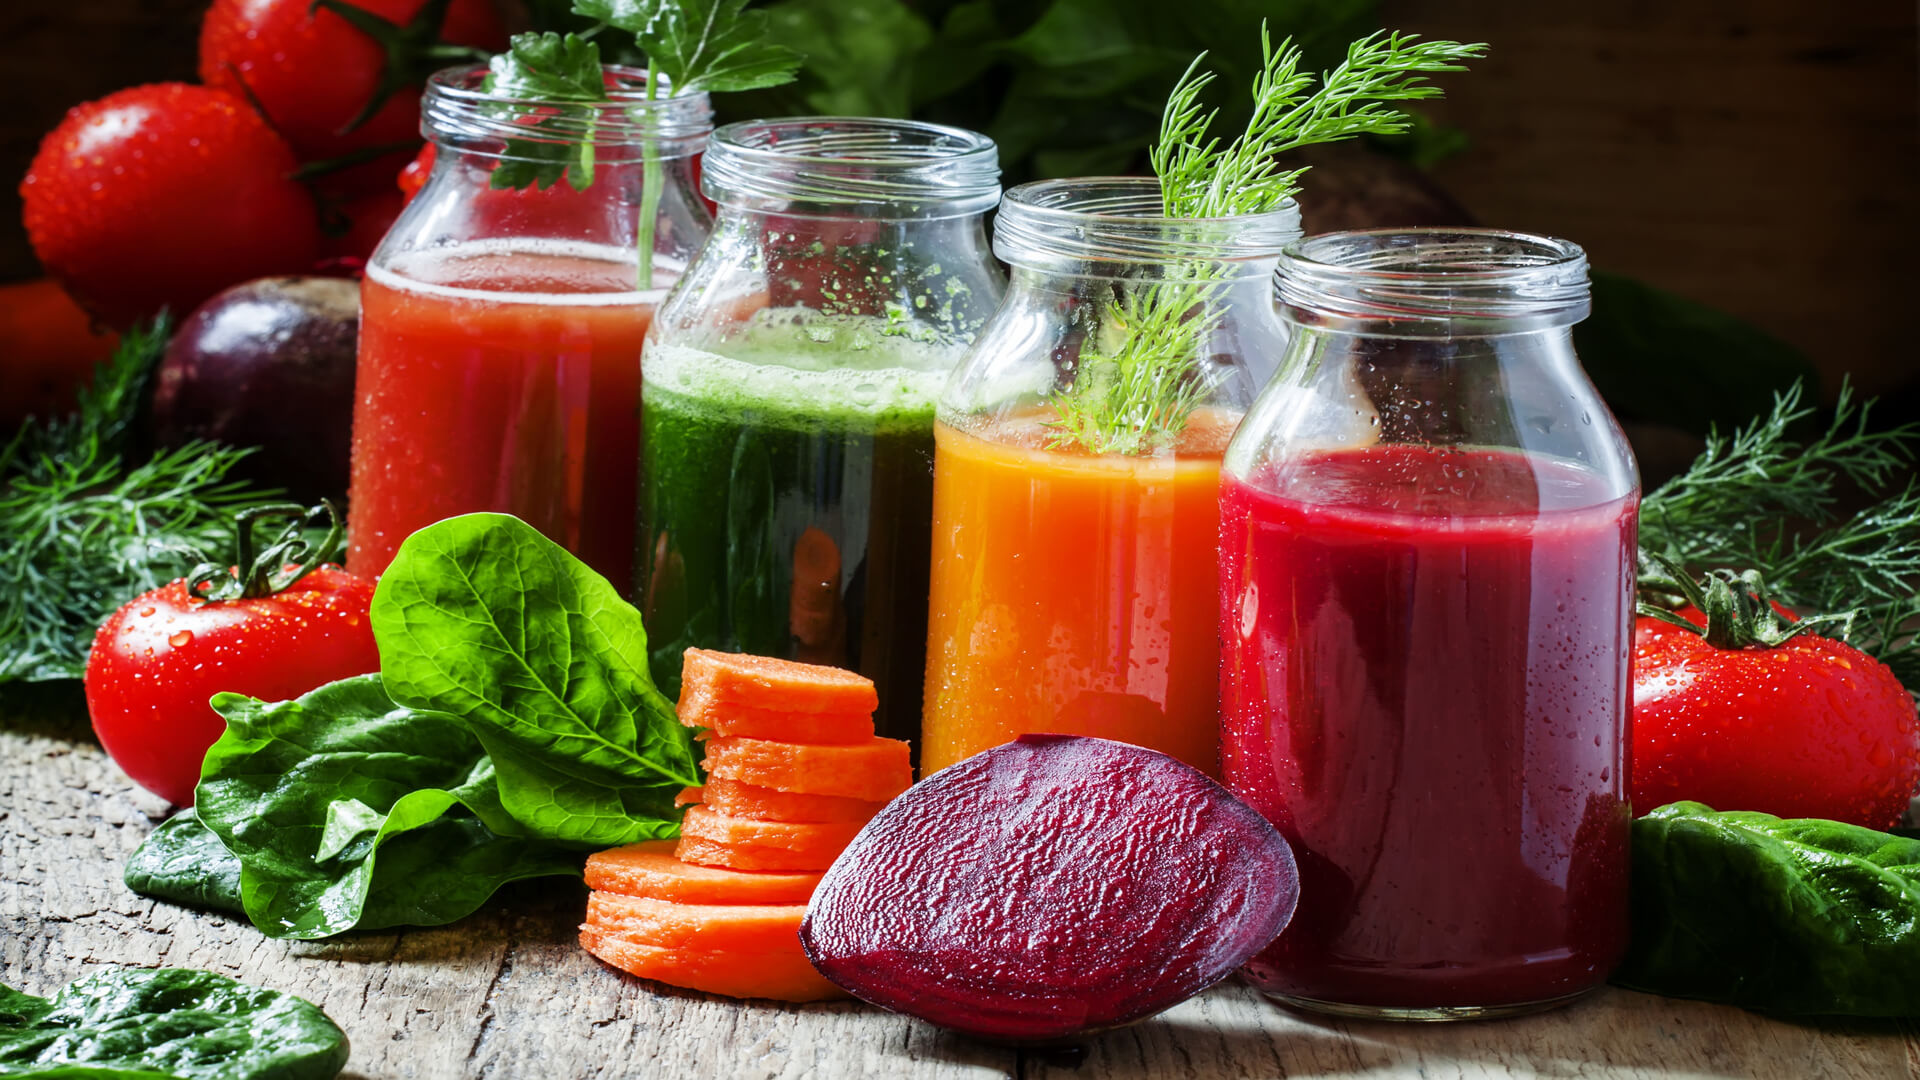 detox vegetable juice